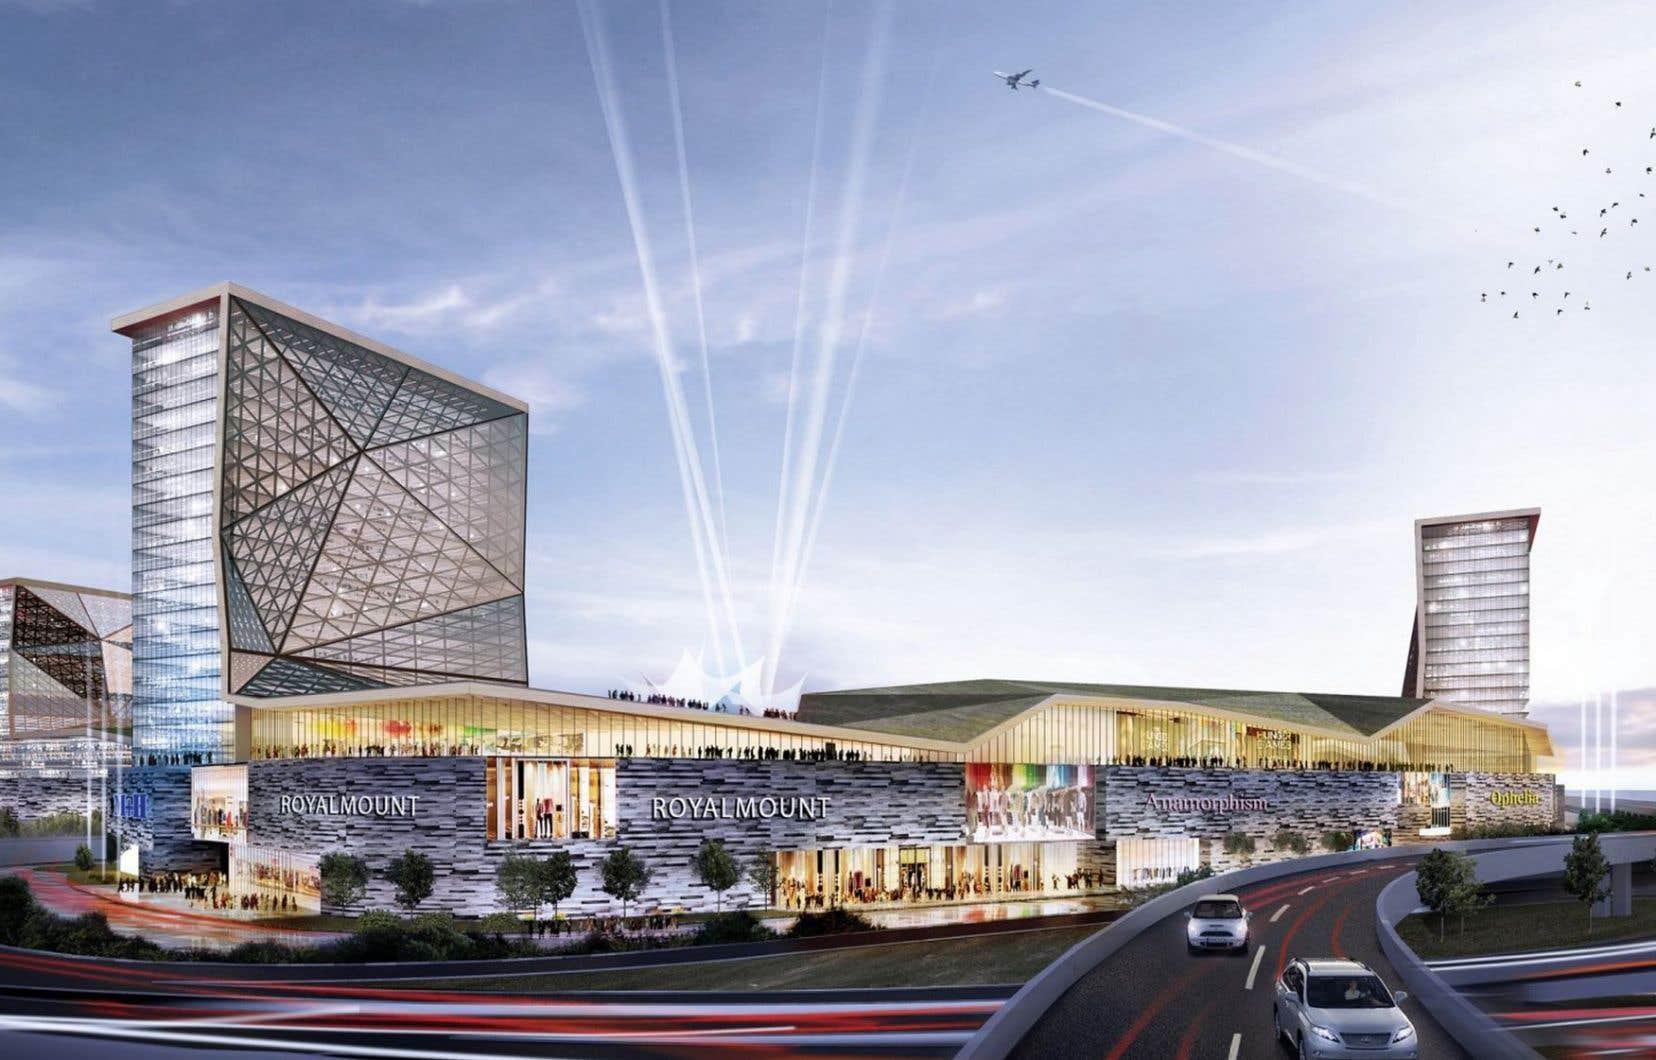 Baptisé officieusement le «Quinze40» parce qu'il se trouve à l'intersection des autoroutes 15 et 40, le Royalmount accueillera un complexe d'une superficie de 4millions de pieds carrés.